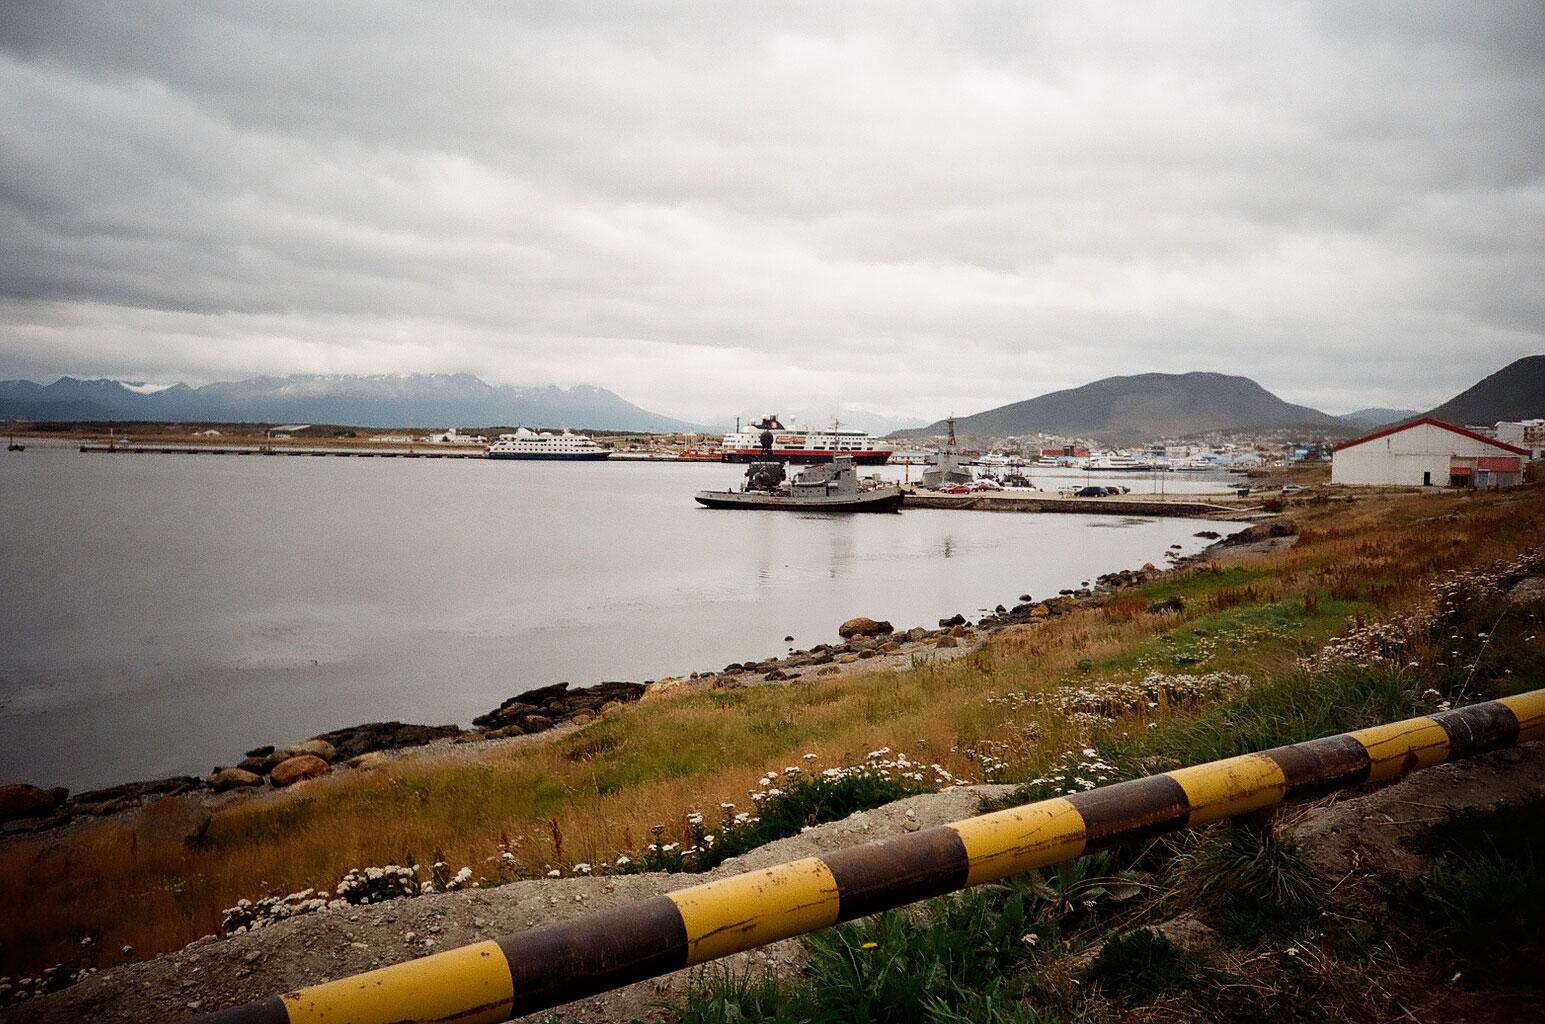 Fast jeden Tag landen Kreuzfahrtschiffe im Hafen von Ushuaia und bescheren der Tourismuswirtschaft ein Auskommen. Foto: Lothar Ruttner